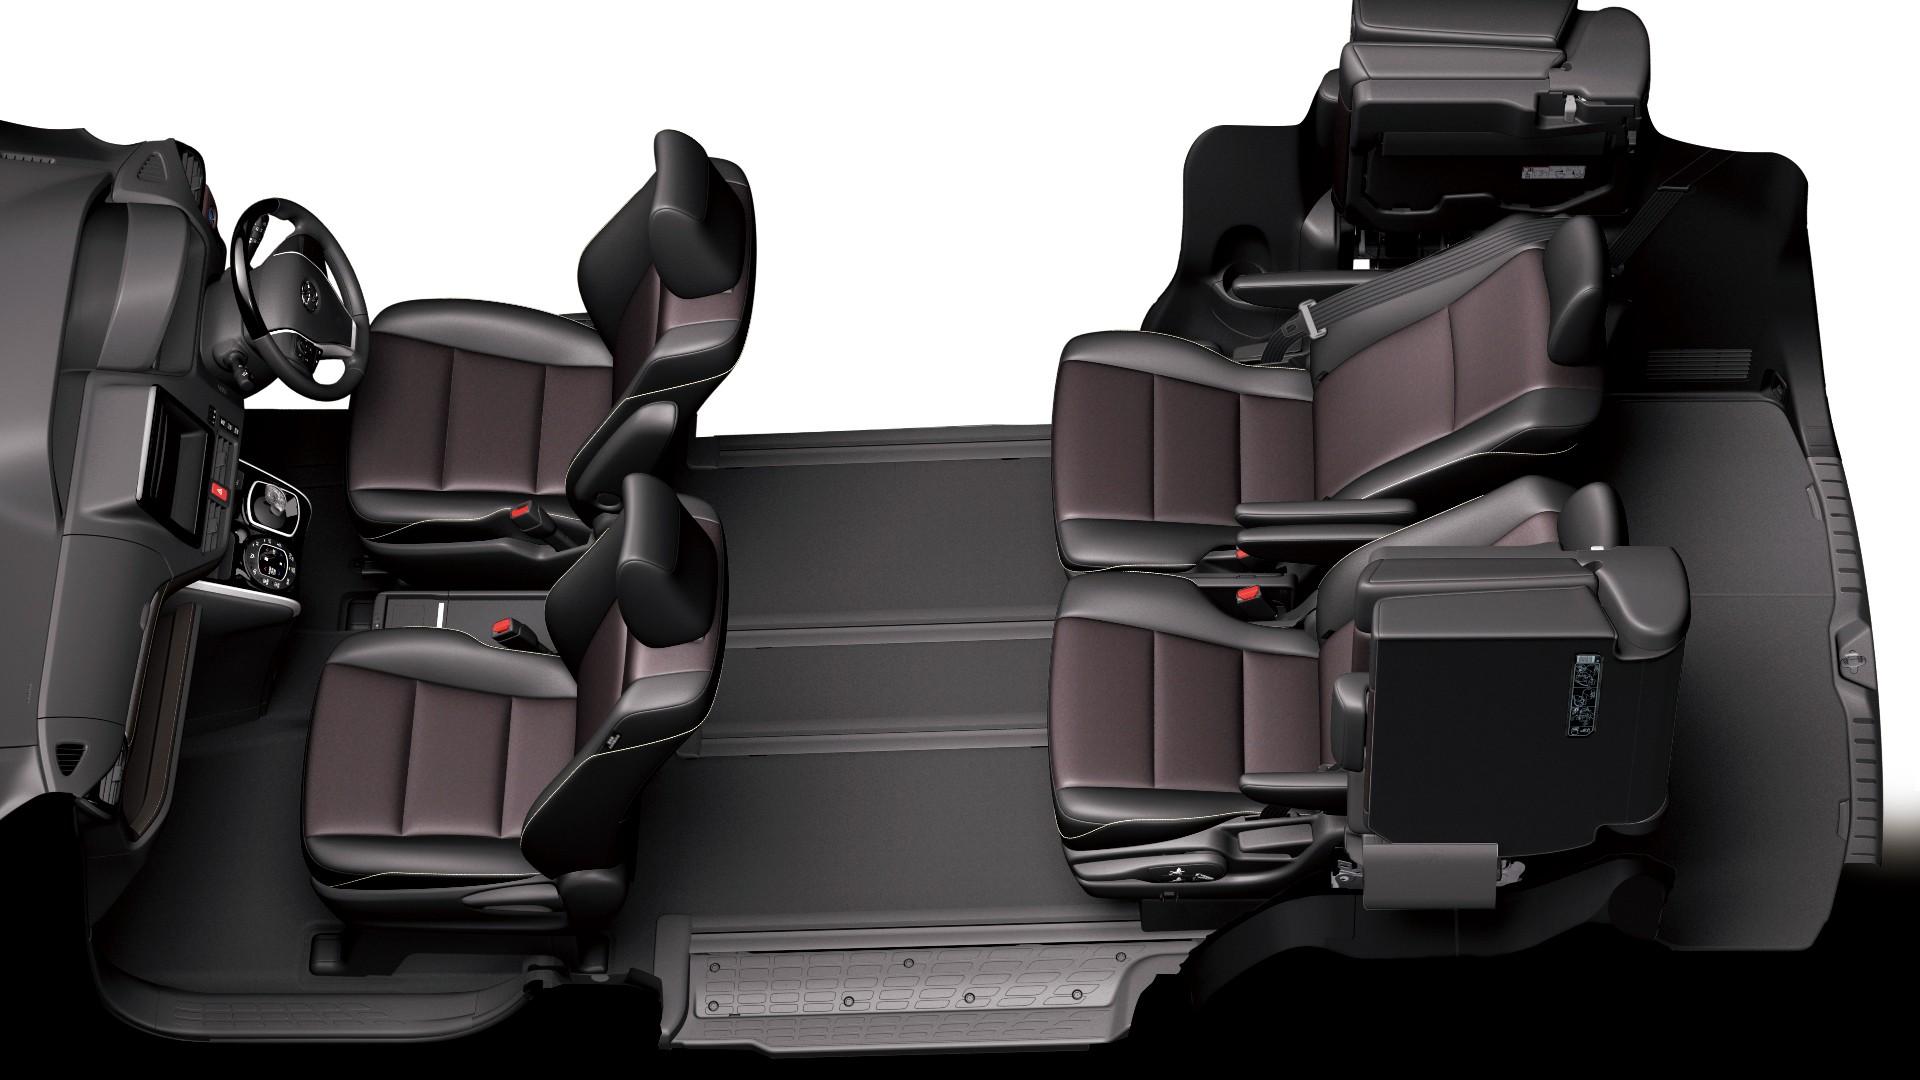 エスクァイア画像、トヨタ新型ミニバン、ノア&ヴォクシーの姉妹車